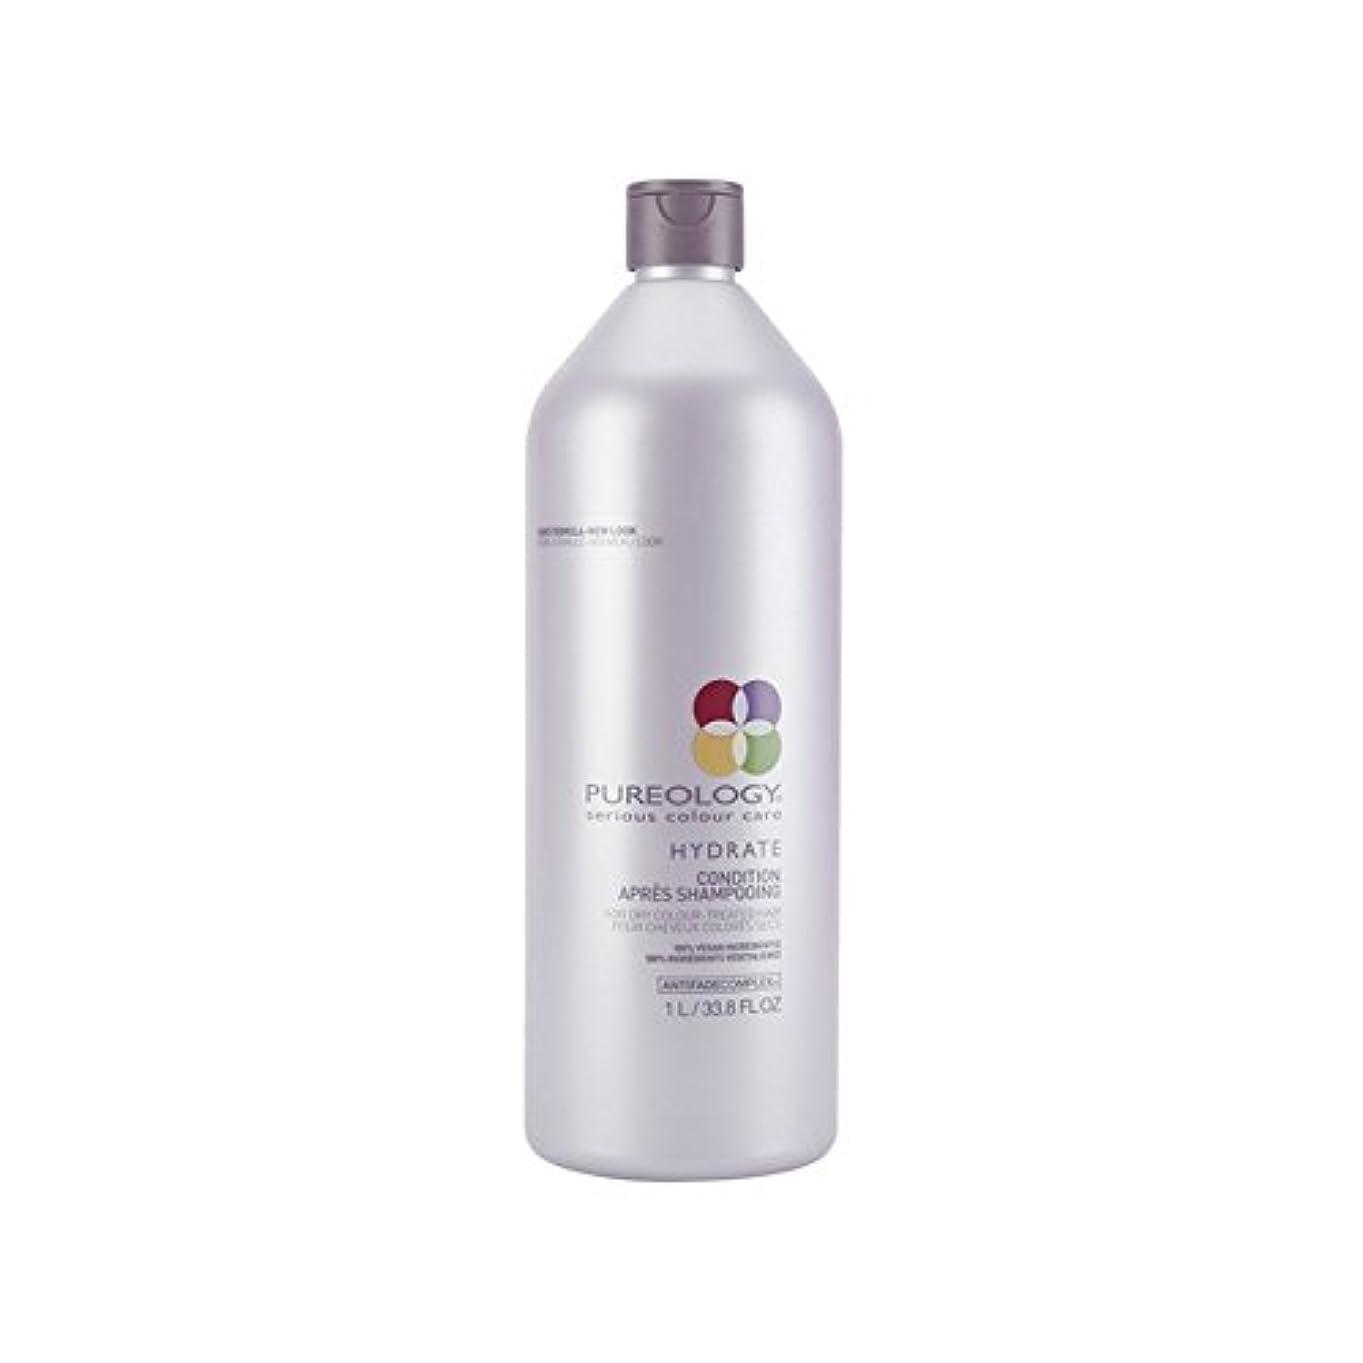 ヶ月目推論怒って純粋な水和物コンディショナー(千ミリリットル) x4 - Pureology Pure Hydrate Conditioner (1000ml) (Pack of 4) [並行輸入品]